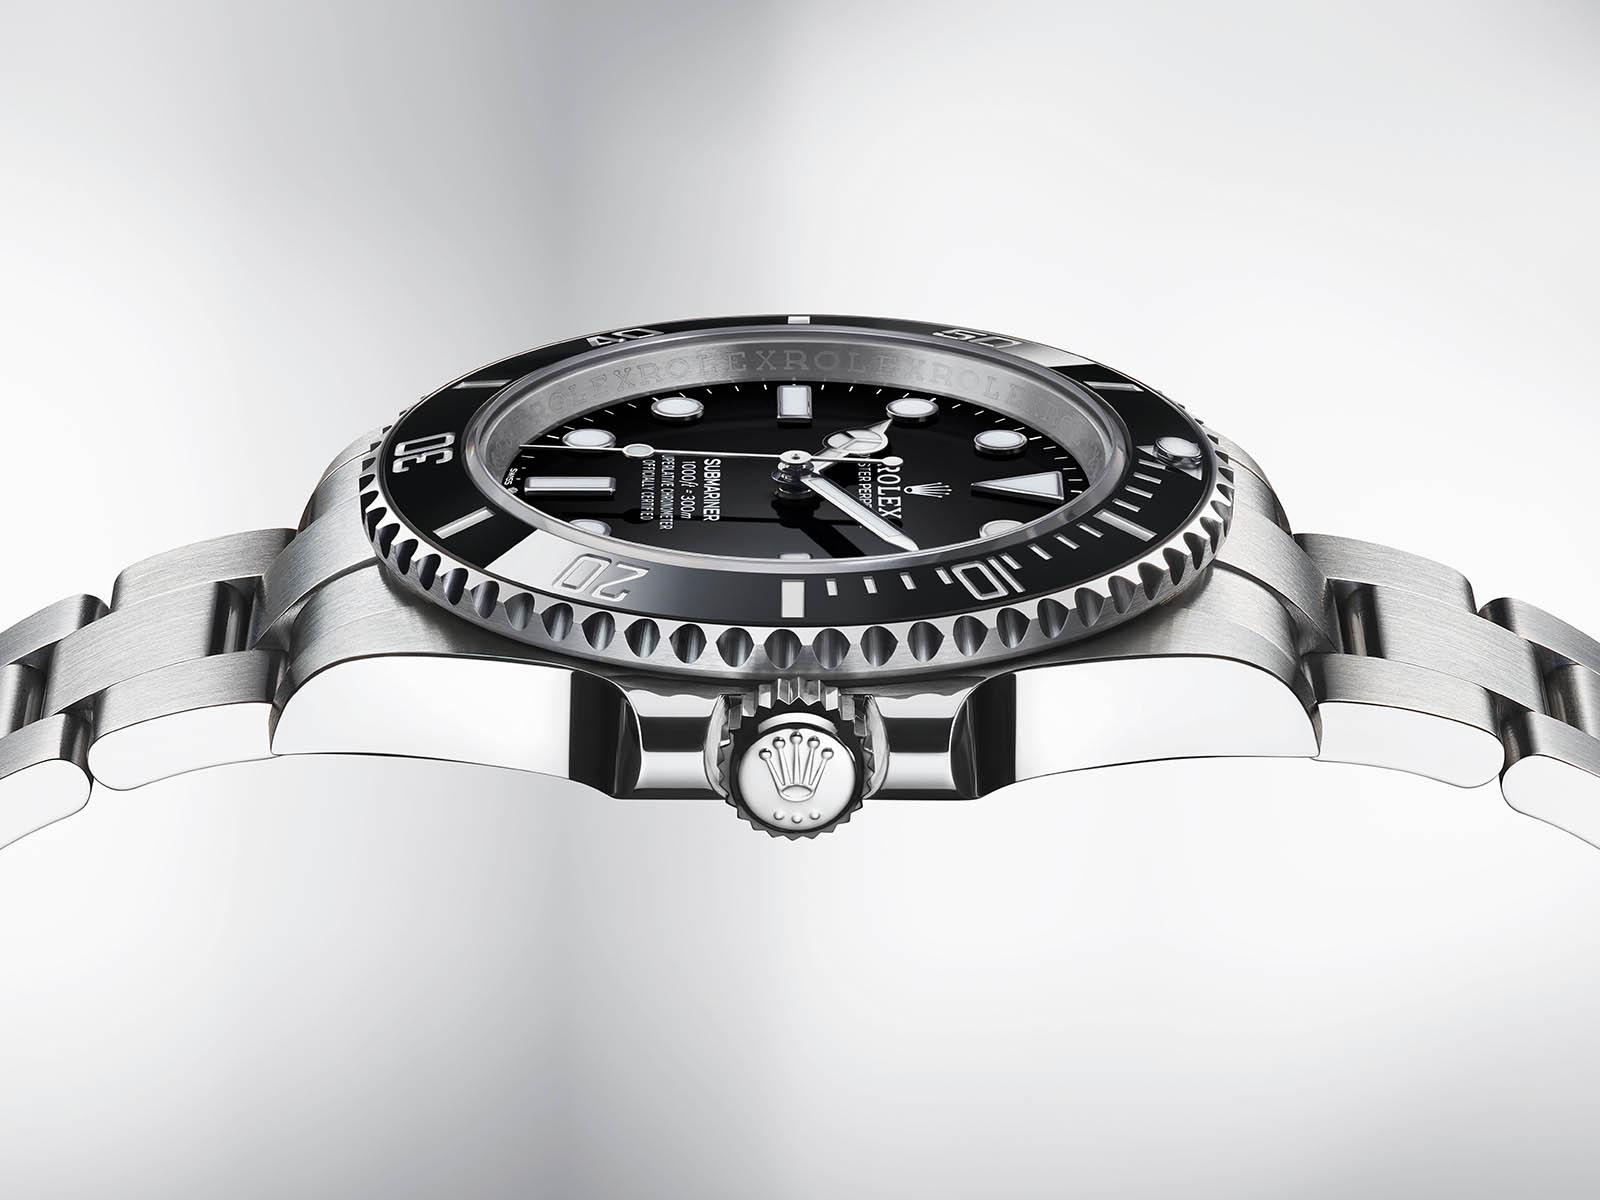 124060-0001-rolex-oyster-submariner-41-5.jpg